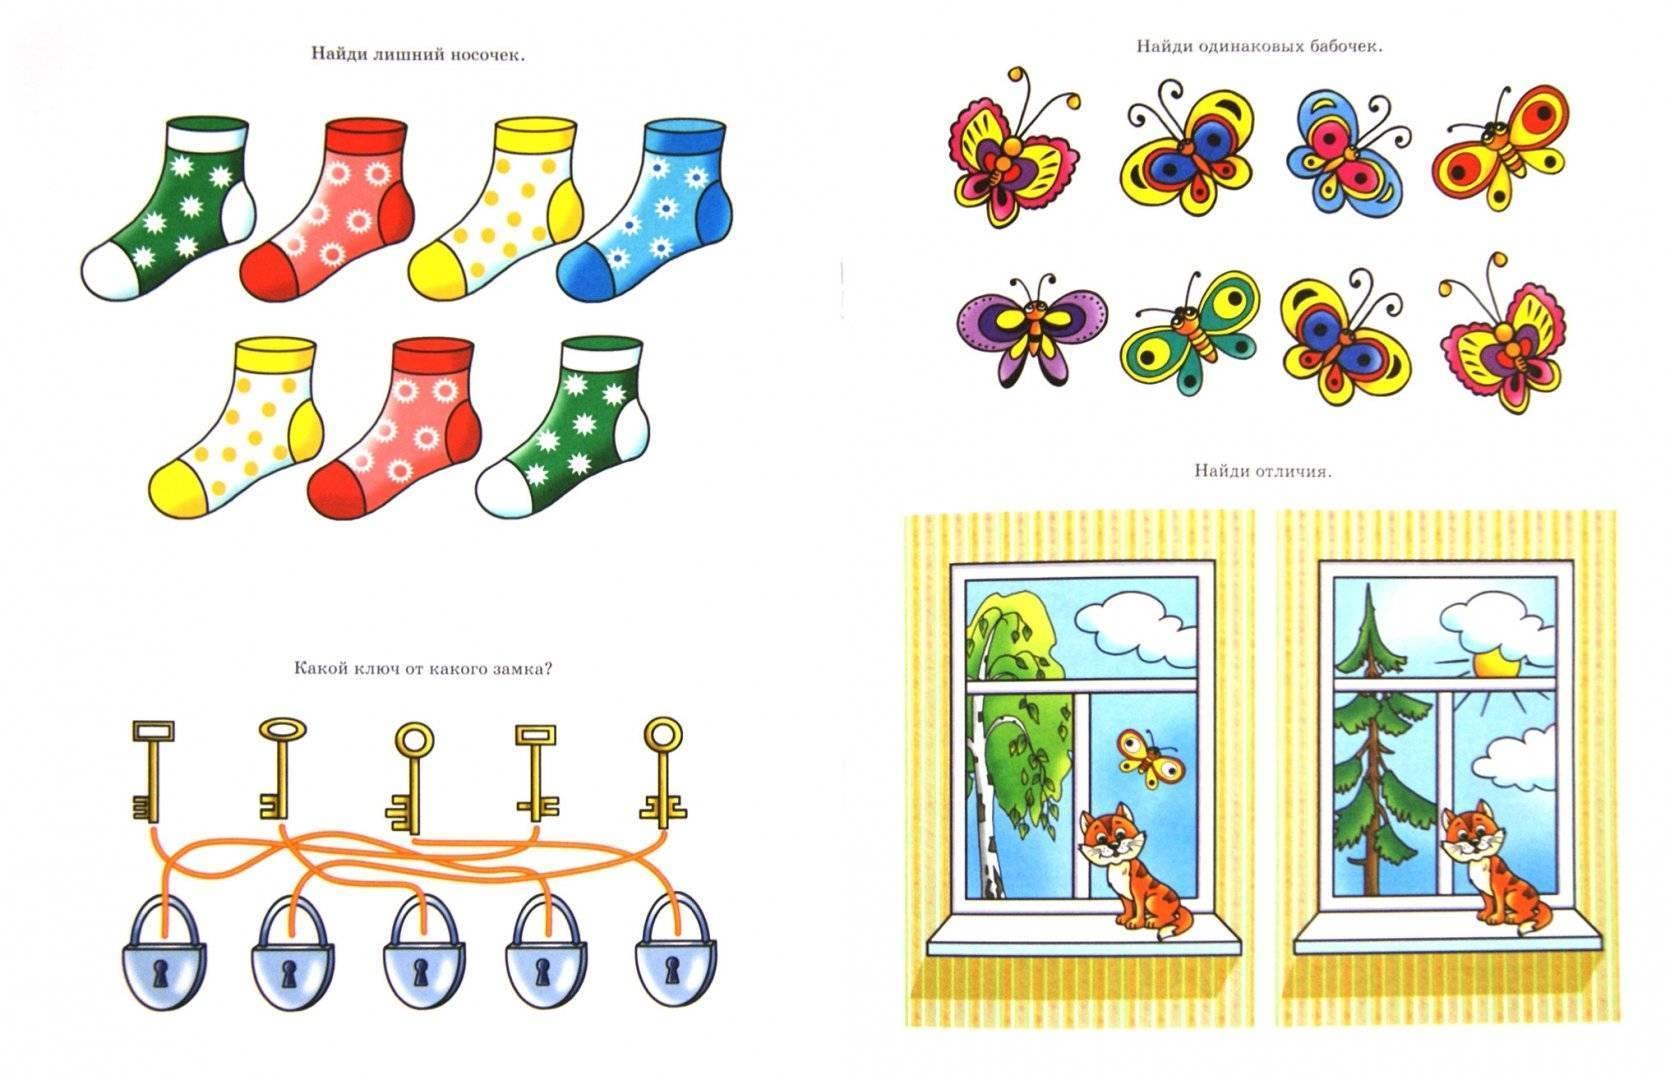 Картотека игр с гиперактивными детьми                                картотека на тему